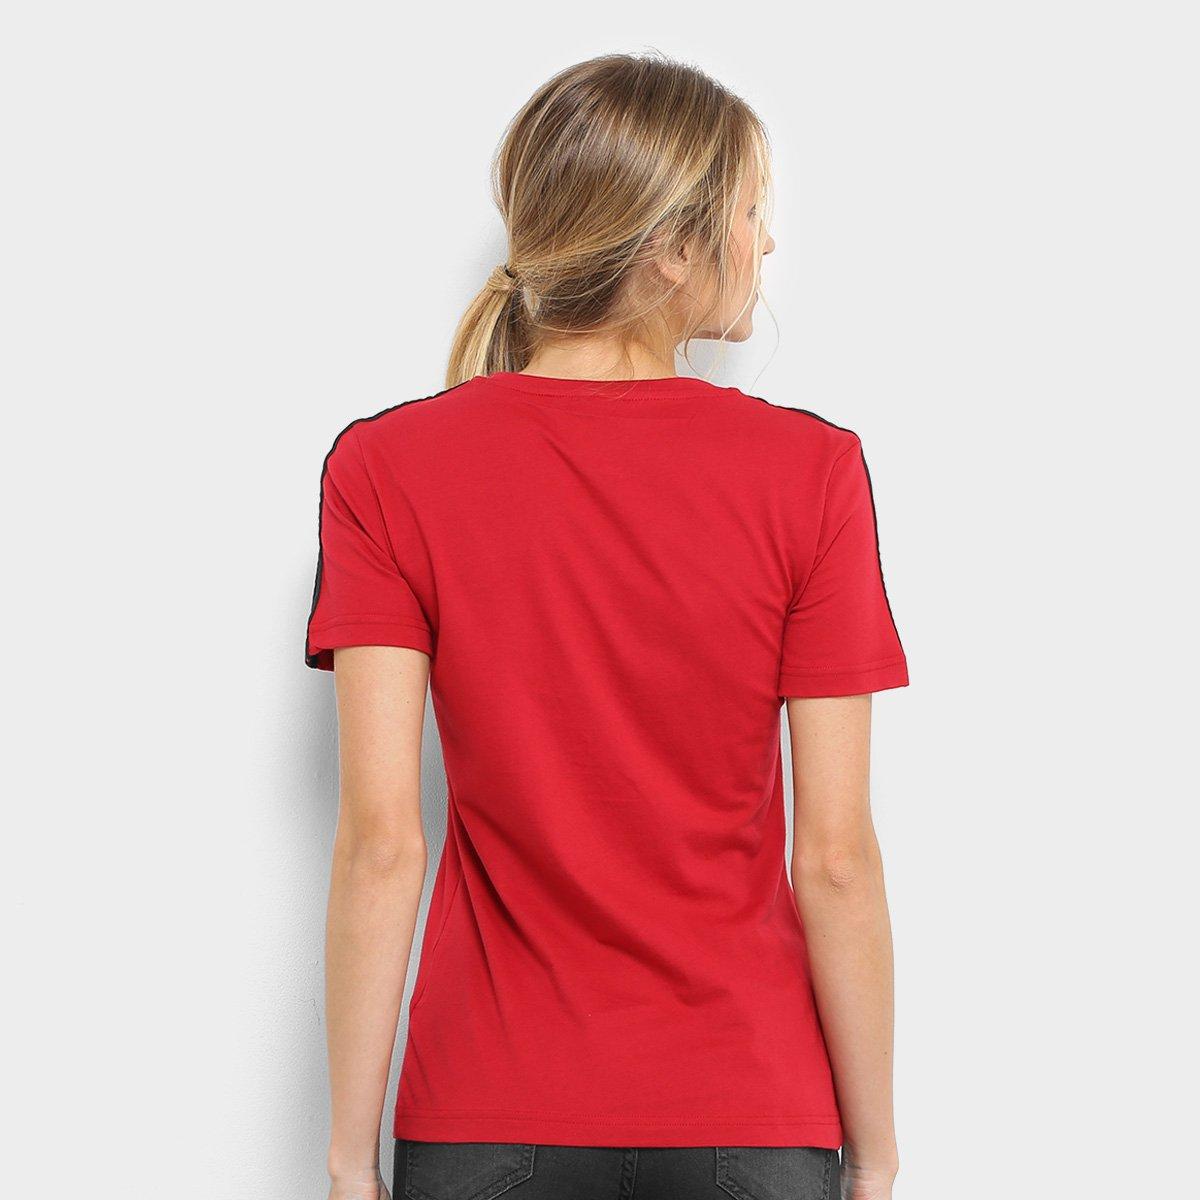 Camiseta Adidas Adidas Feminina Flamengo Vermelho Adidas Feminina Flamengo Feminina Camiseta Vermelho Vermelho Camiseta Flamengo Flamengo Adidas Camiseta rwCrPqv1